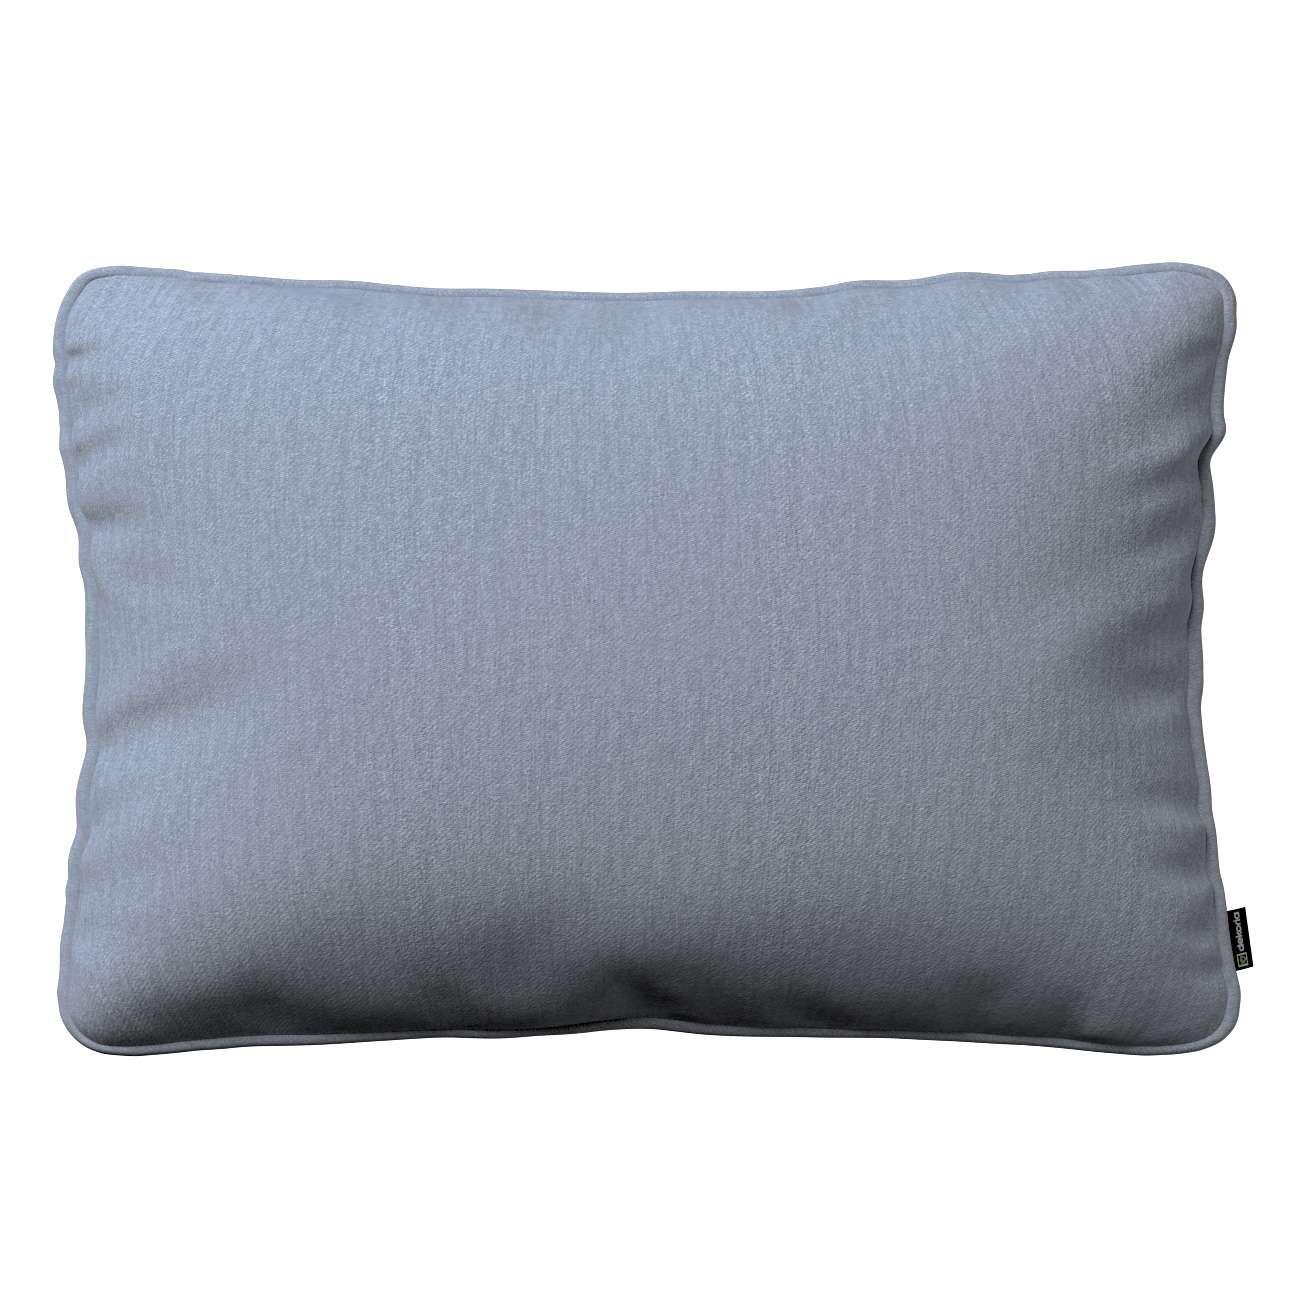 Poszewka Gabi na poduszkę prostokątna 60 x 40 cm w kolekcji Chenille, tkanina: 702-13